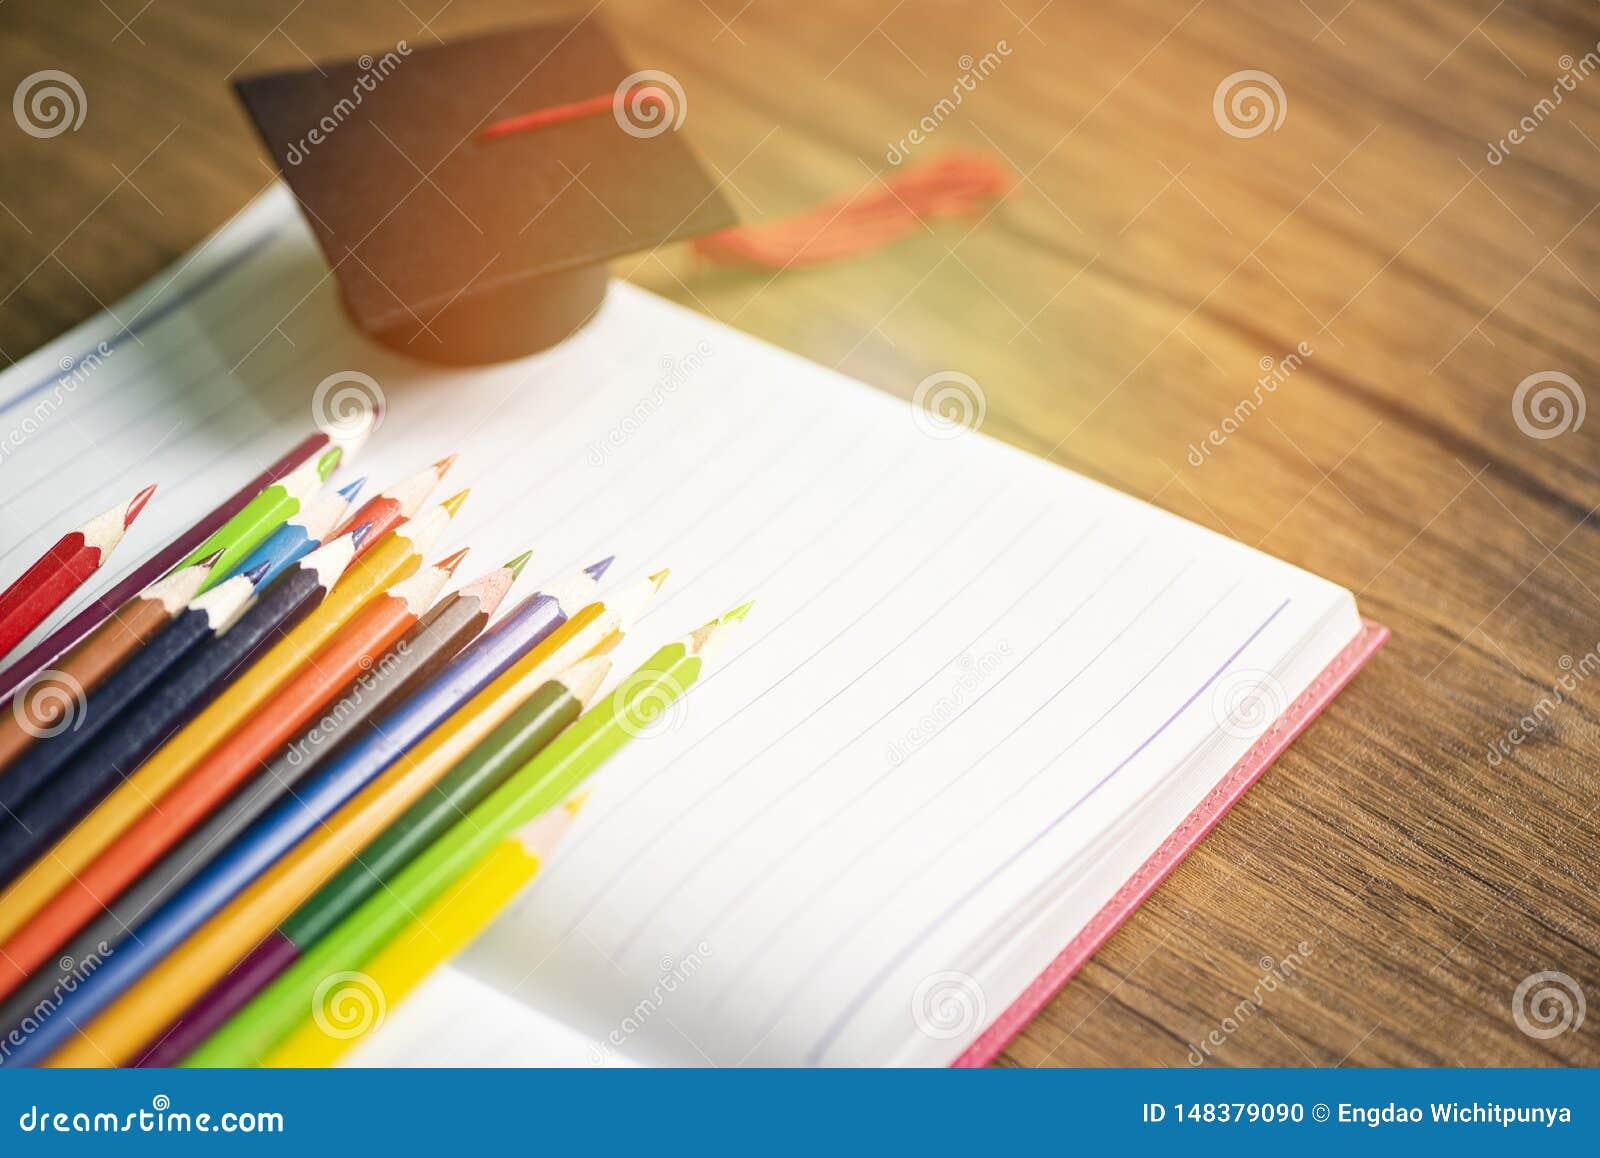 Χρωματισμένες σύνολο και βαθμολόγηση ΚΑΠ μολυβιών στο σημειωματάριο της Λευκής Βίβλου πίσω στο σχολείο και την έννοια εκπαίδευσης